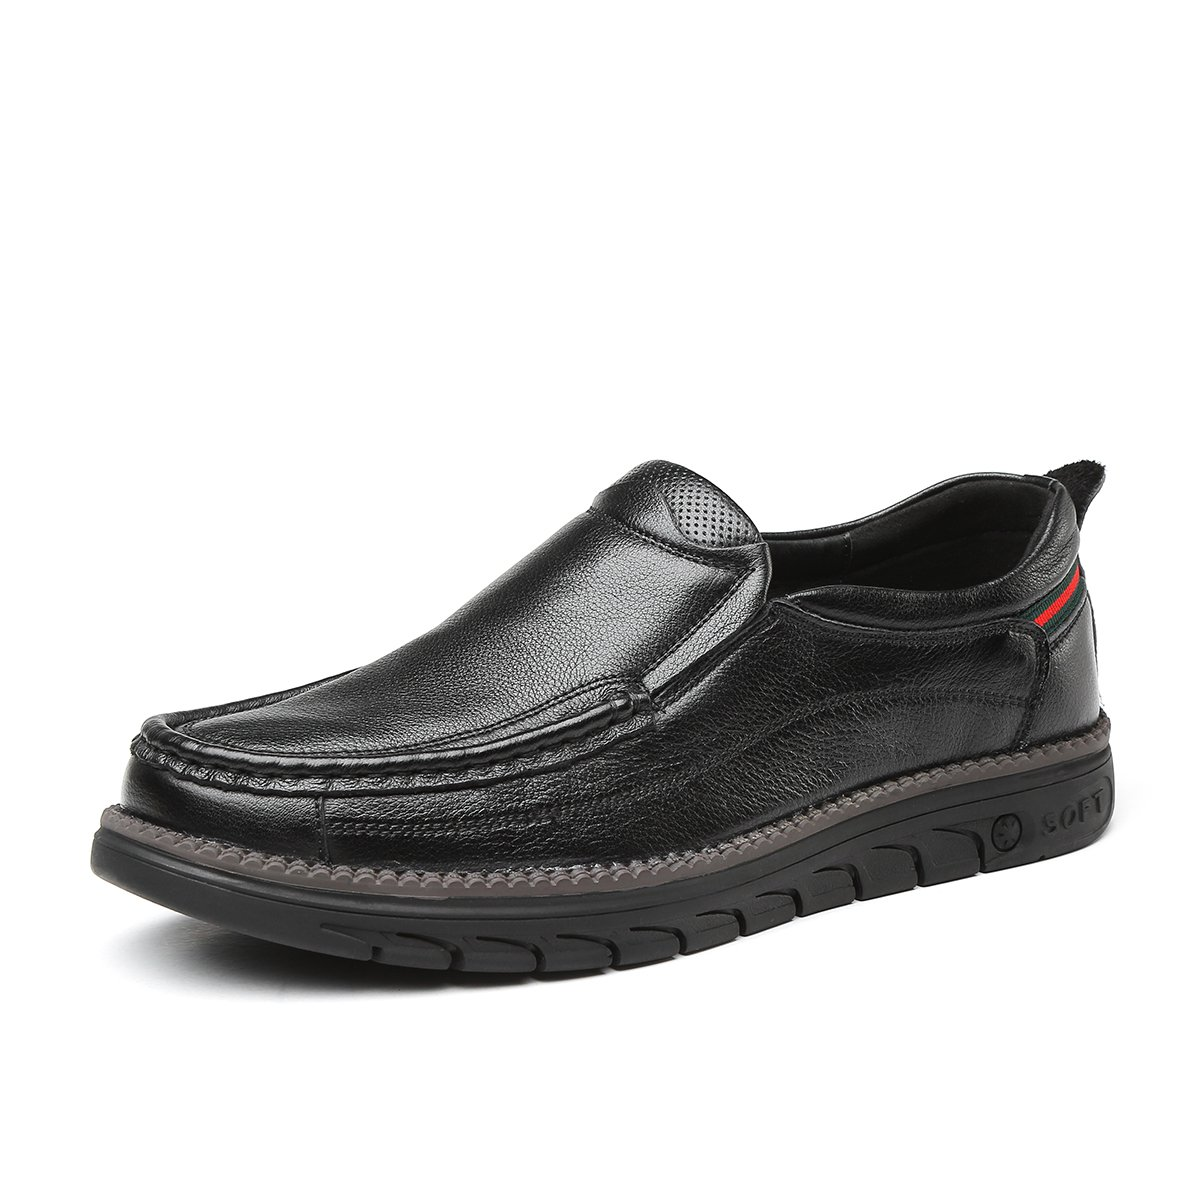 吉尔达吉尔达新品男士头层牛皮真皮休闲一脚蹬爸爸鞋男休闲皮鞋J81D10046101